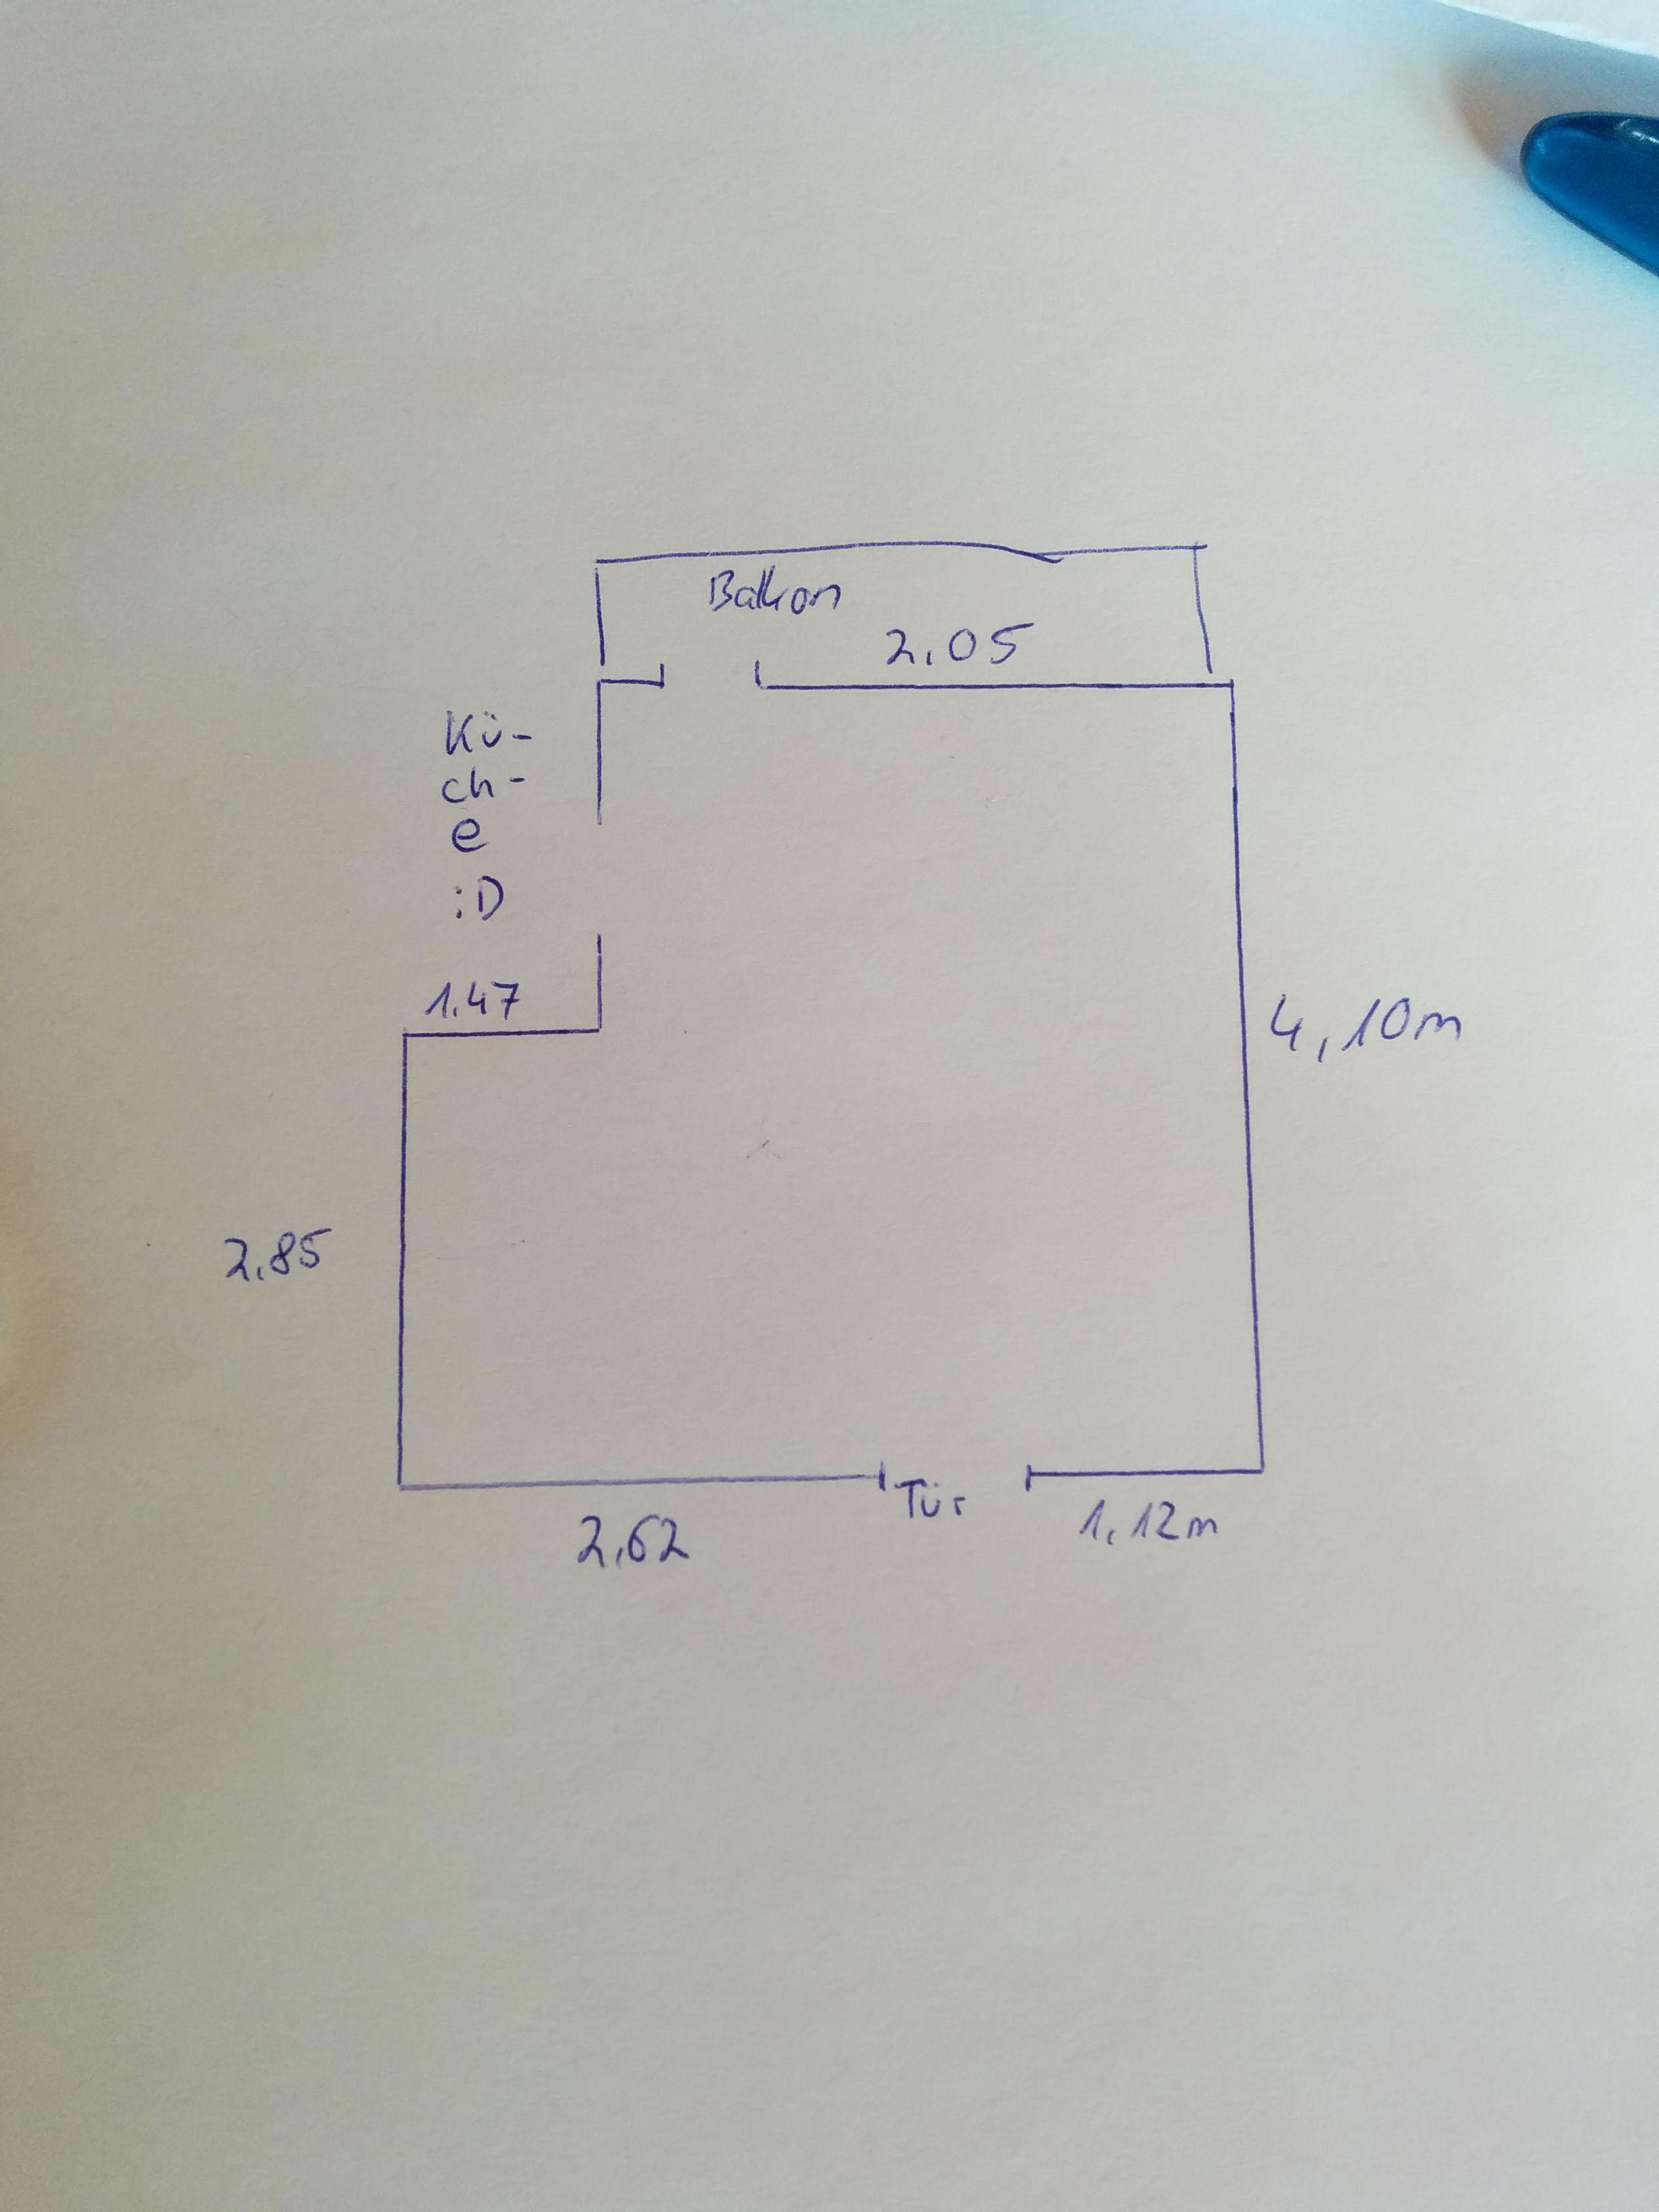 Thread: 1-Zimmer-Wohnung einrichten Â« readmore.de